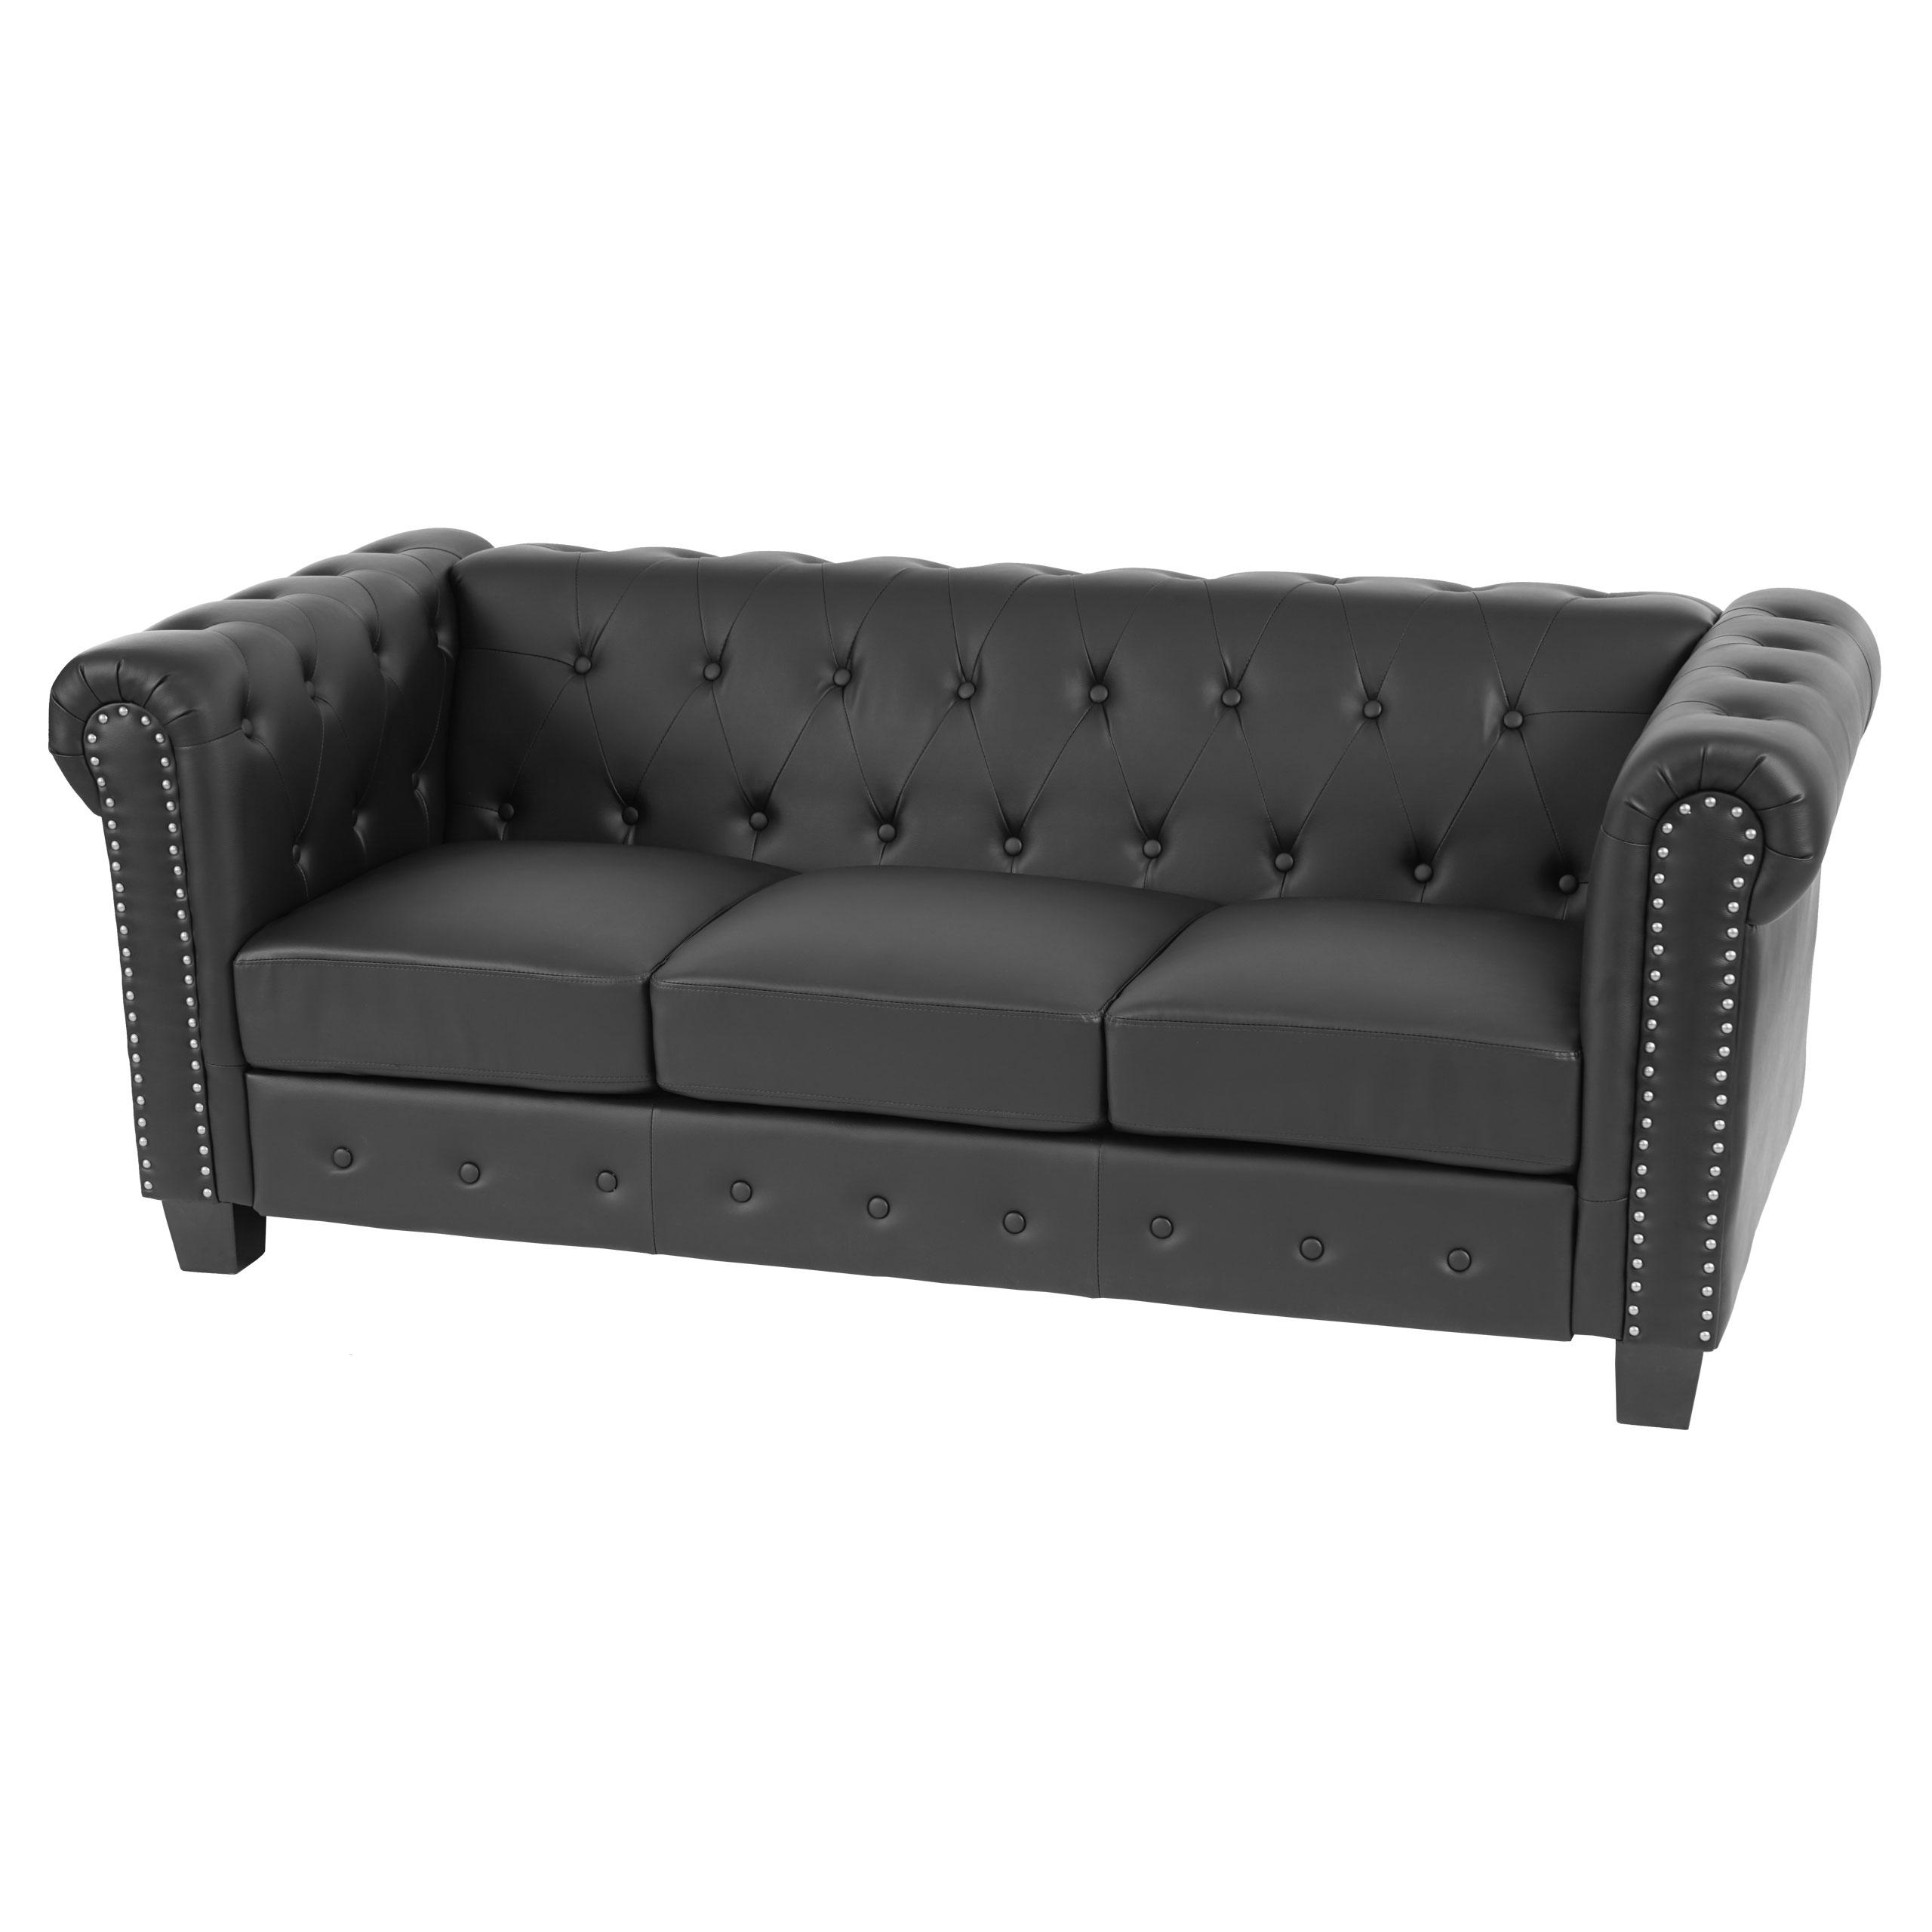 luxus 3er sofa chesterfield loungesofa couch kunstleder runde oder eckige f e ebay. Black Bedroom Furniture Sets. Home Design Ideas